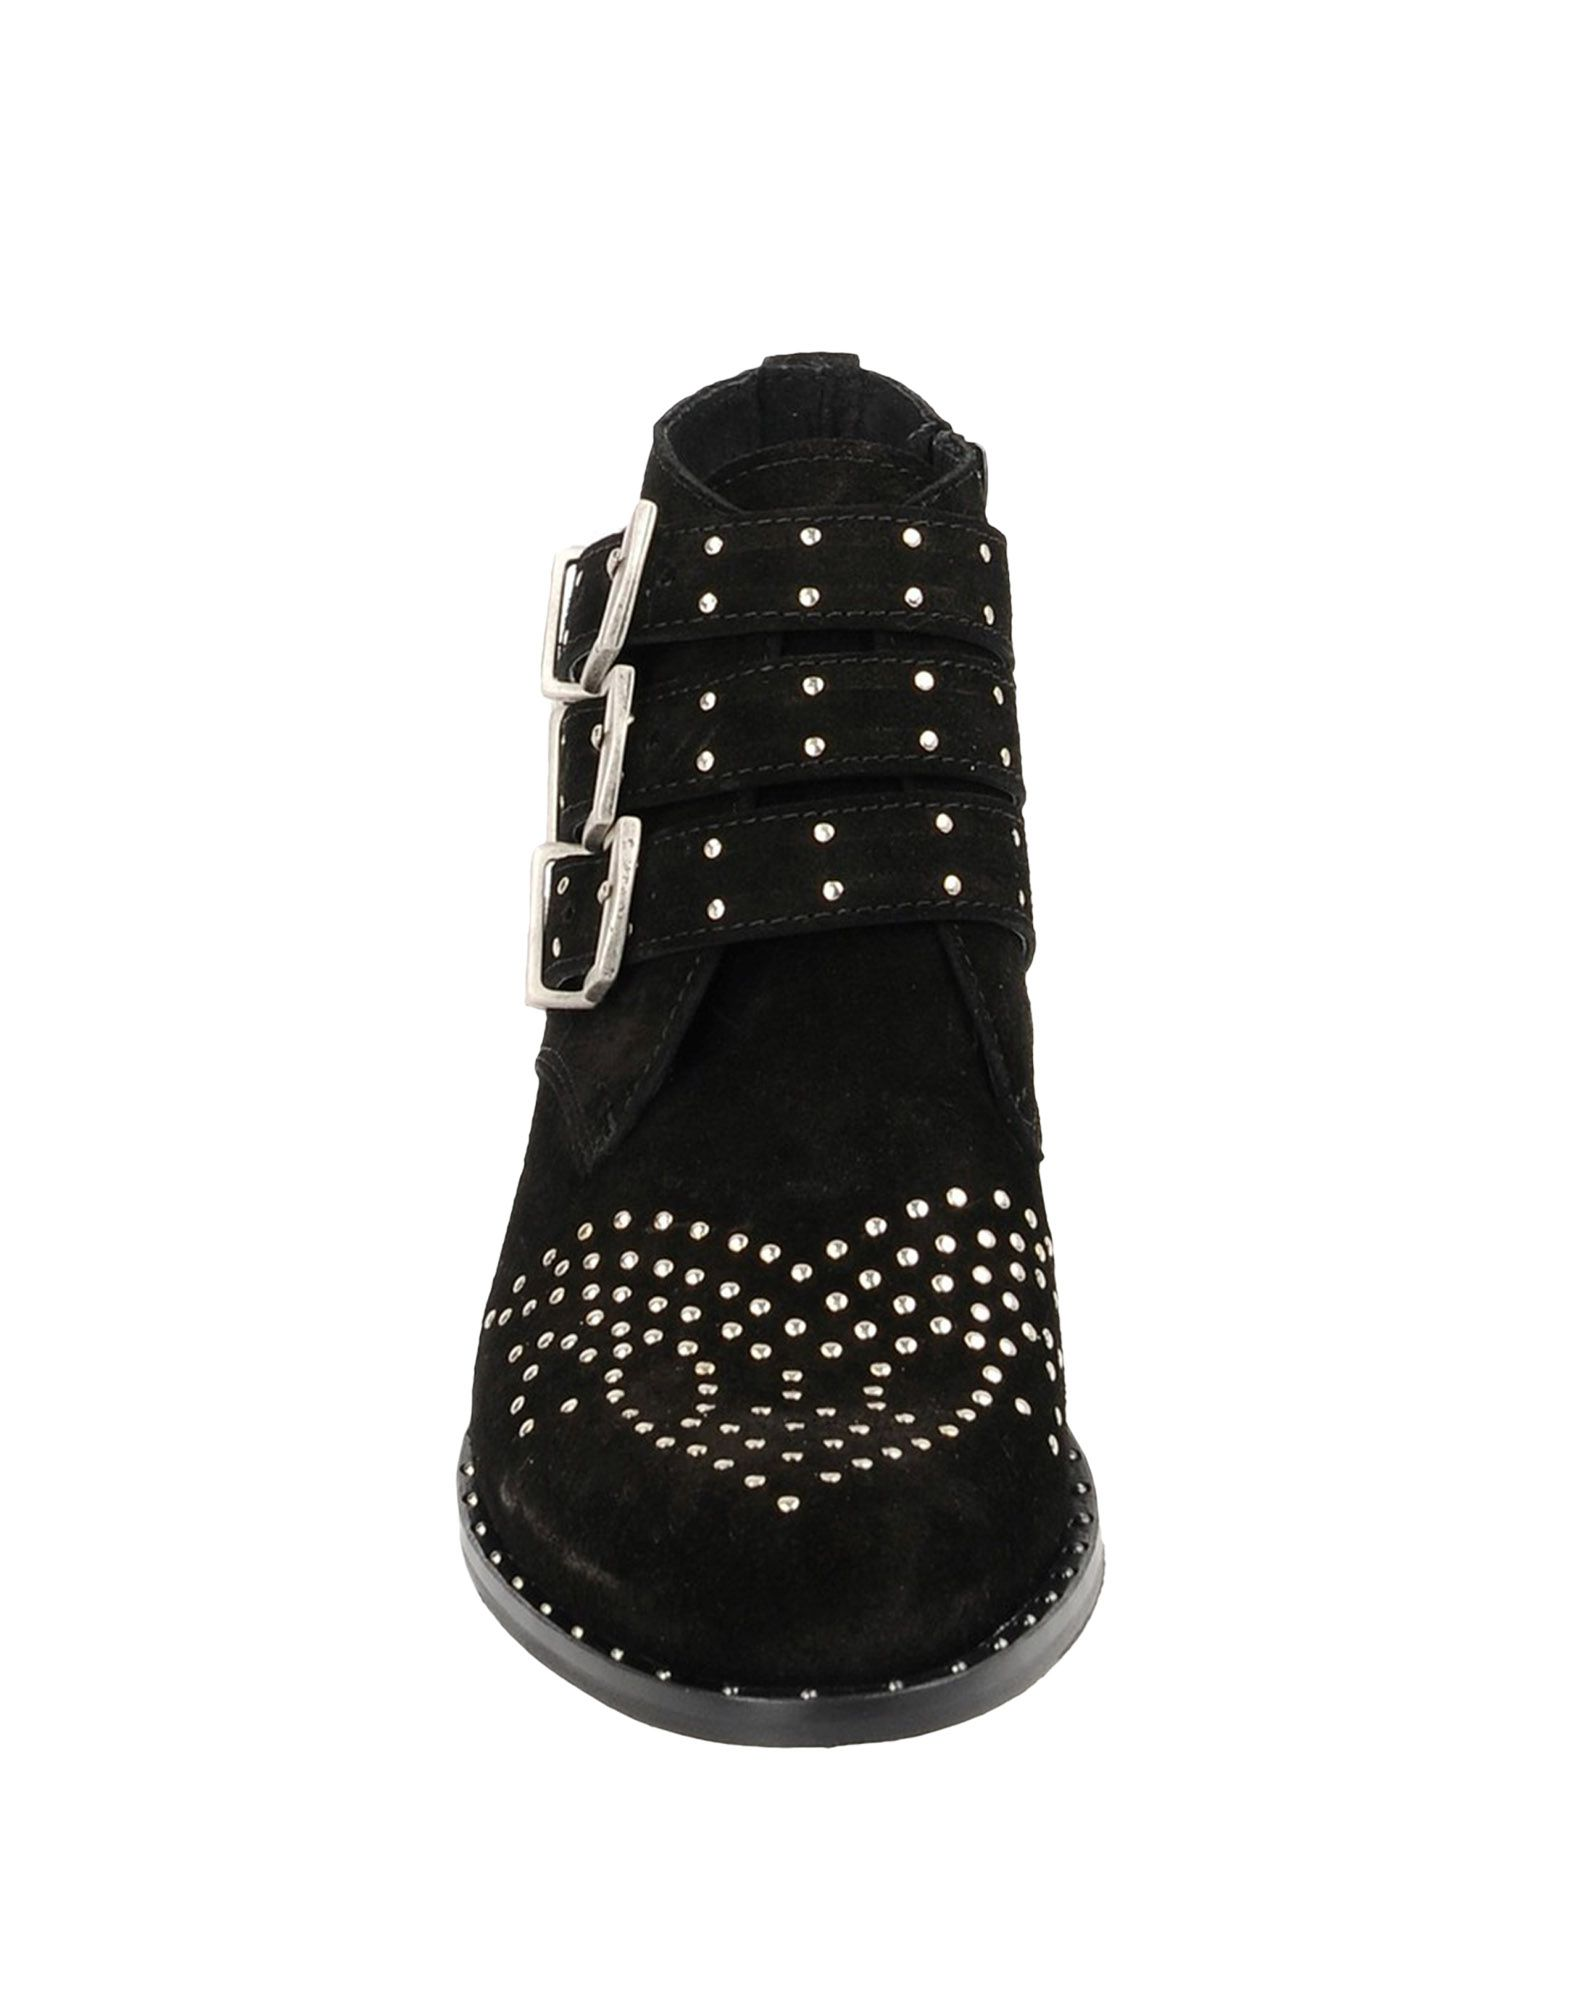 Pierre Darré Stiefelette 11400257TX Damen  11400257TX Stiefelette Gute Qualität beliebte Schuhe e4ffe0